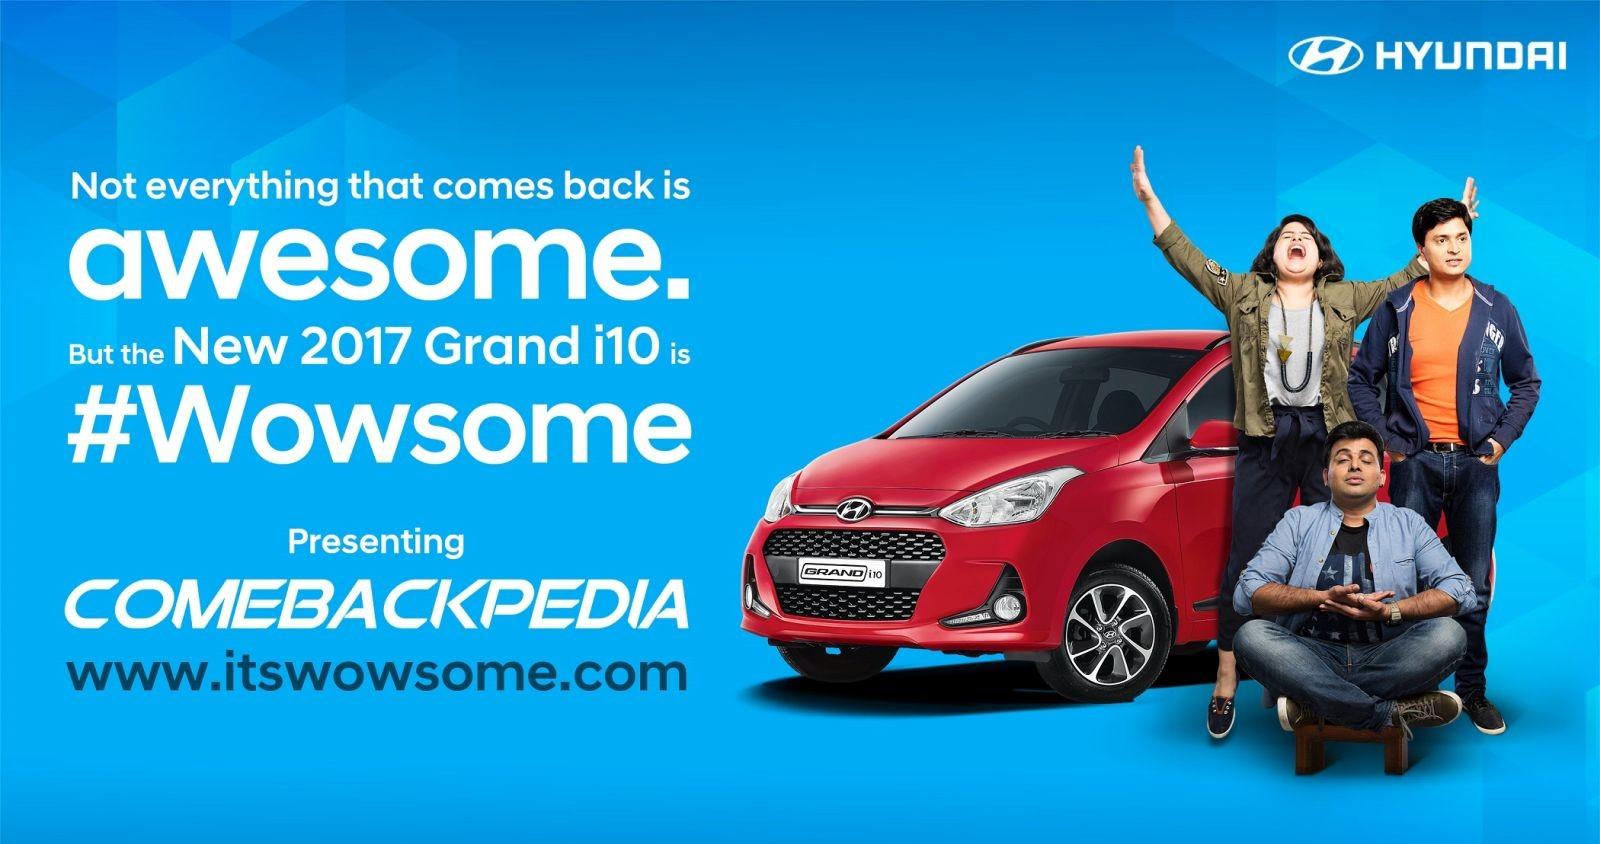 Hyundai-Combackpedia-Campaign-1